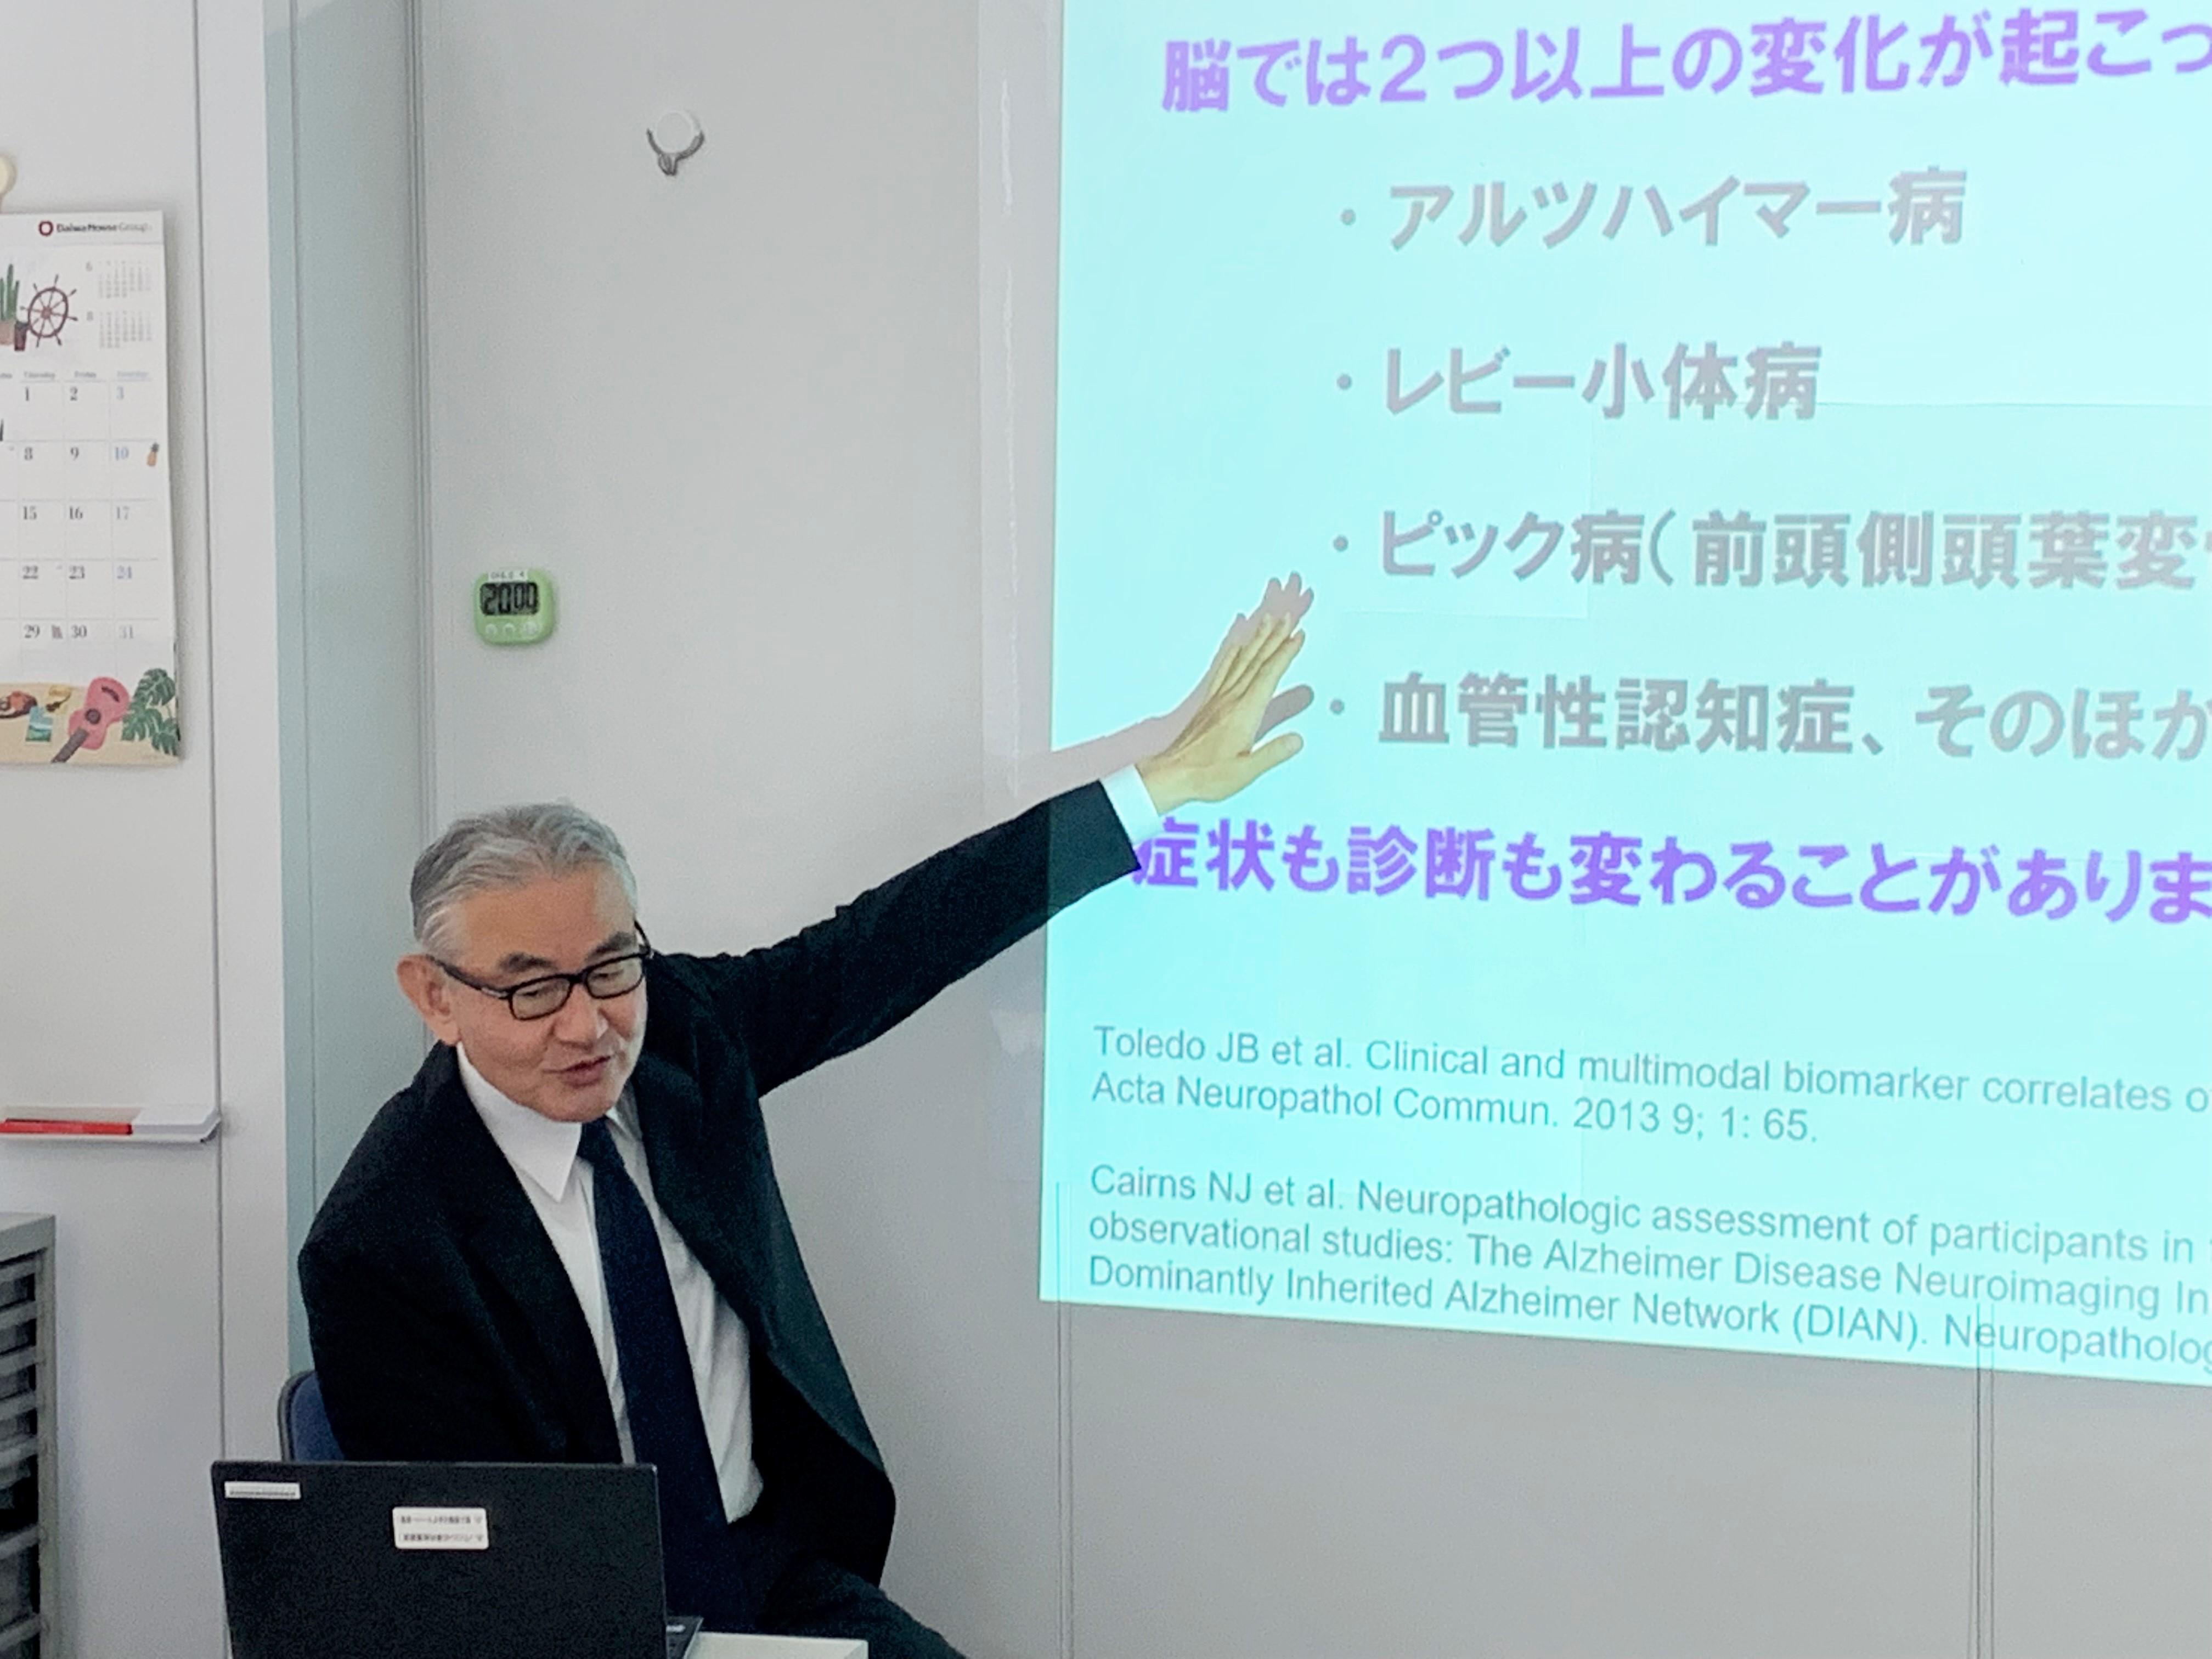 認知症セミナー【日本認知症ケア学会理事長 繁田雅弘先生】